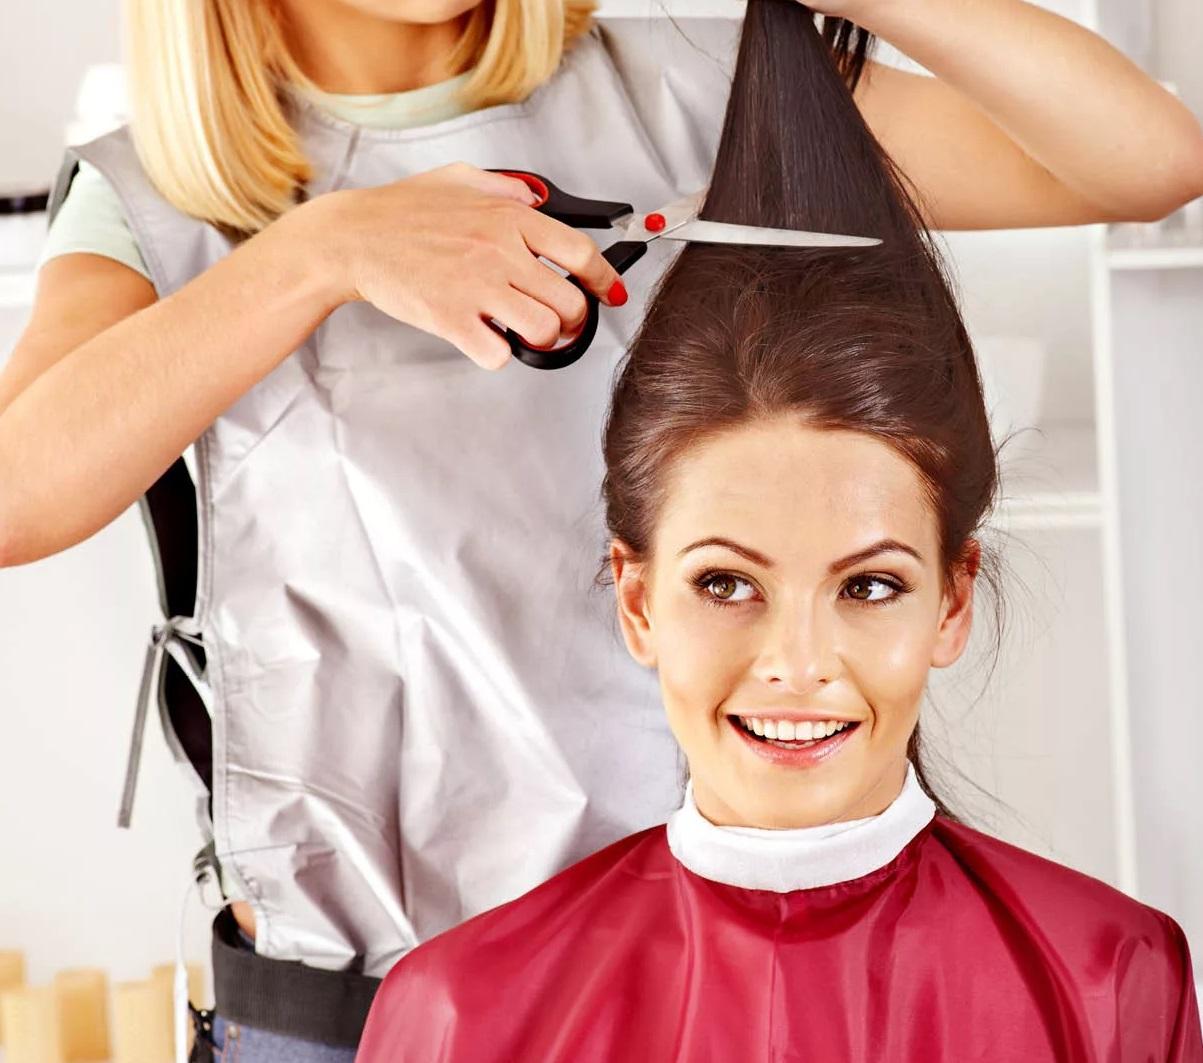 летний картинки про услуги парикмахера самим